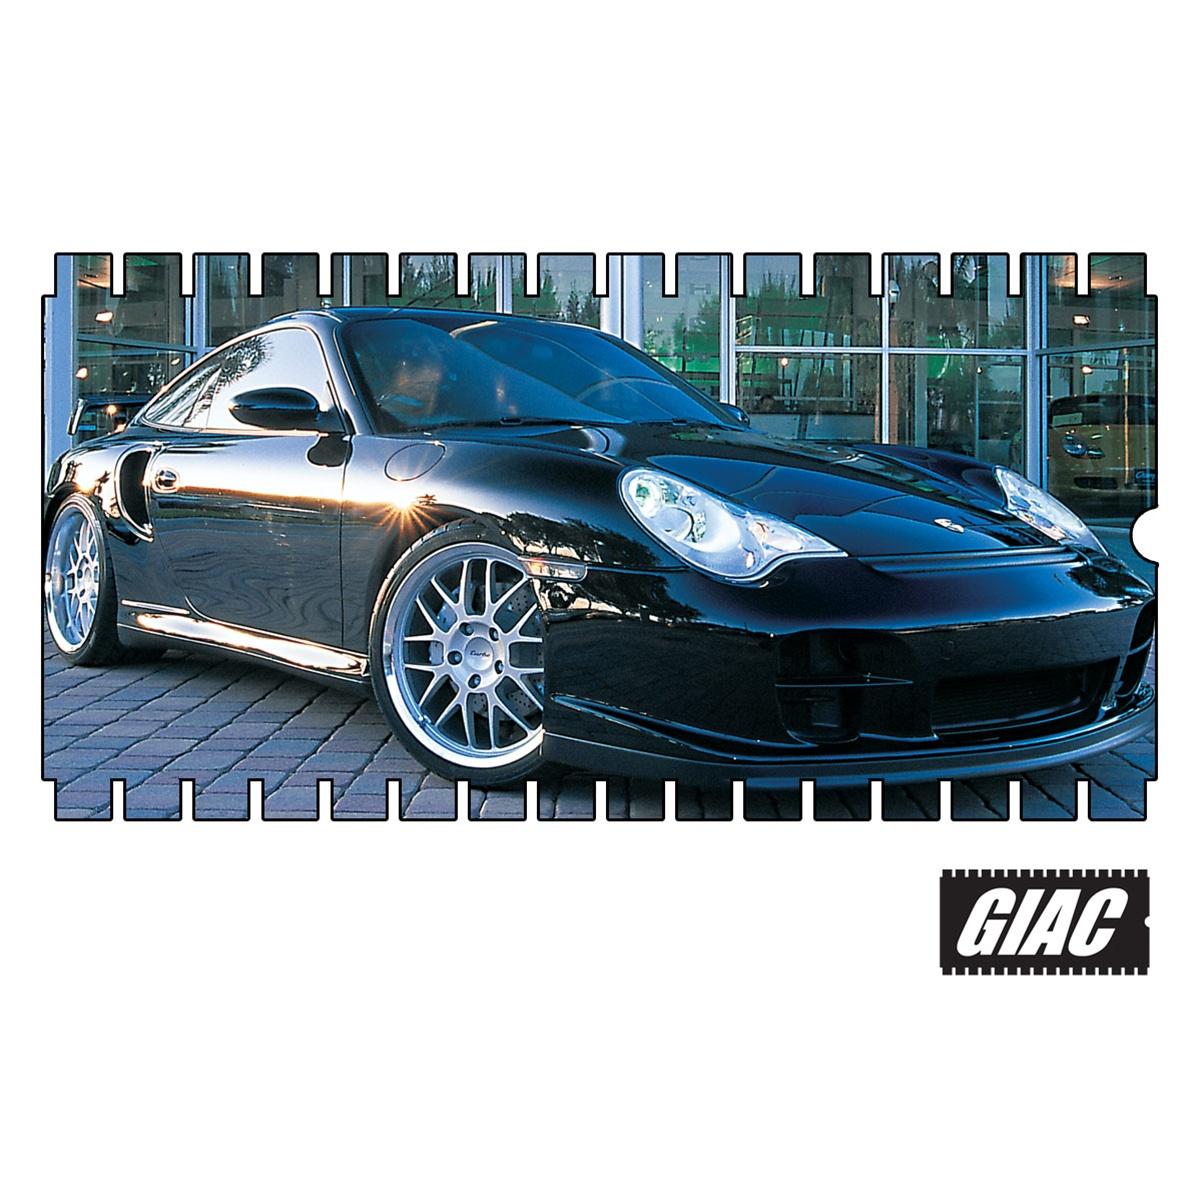 Porsche 996 Engine Hp: Porsche 996 Turbo X50 & GT2 Performance Software